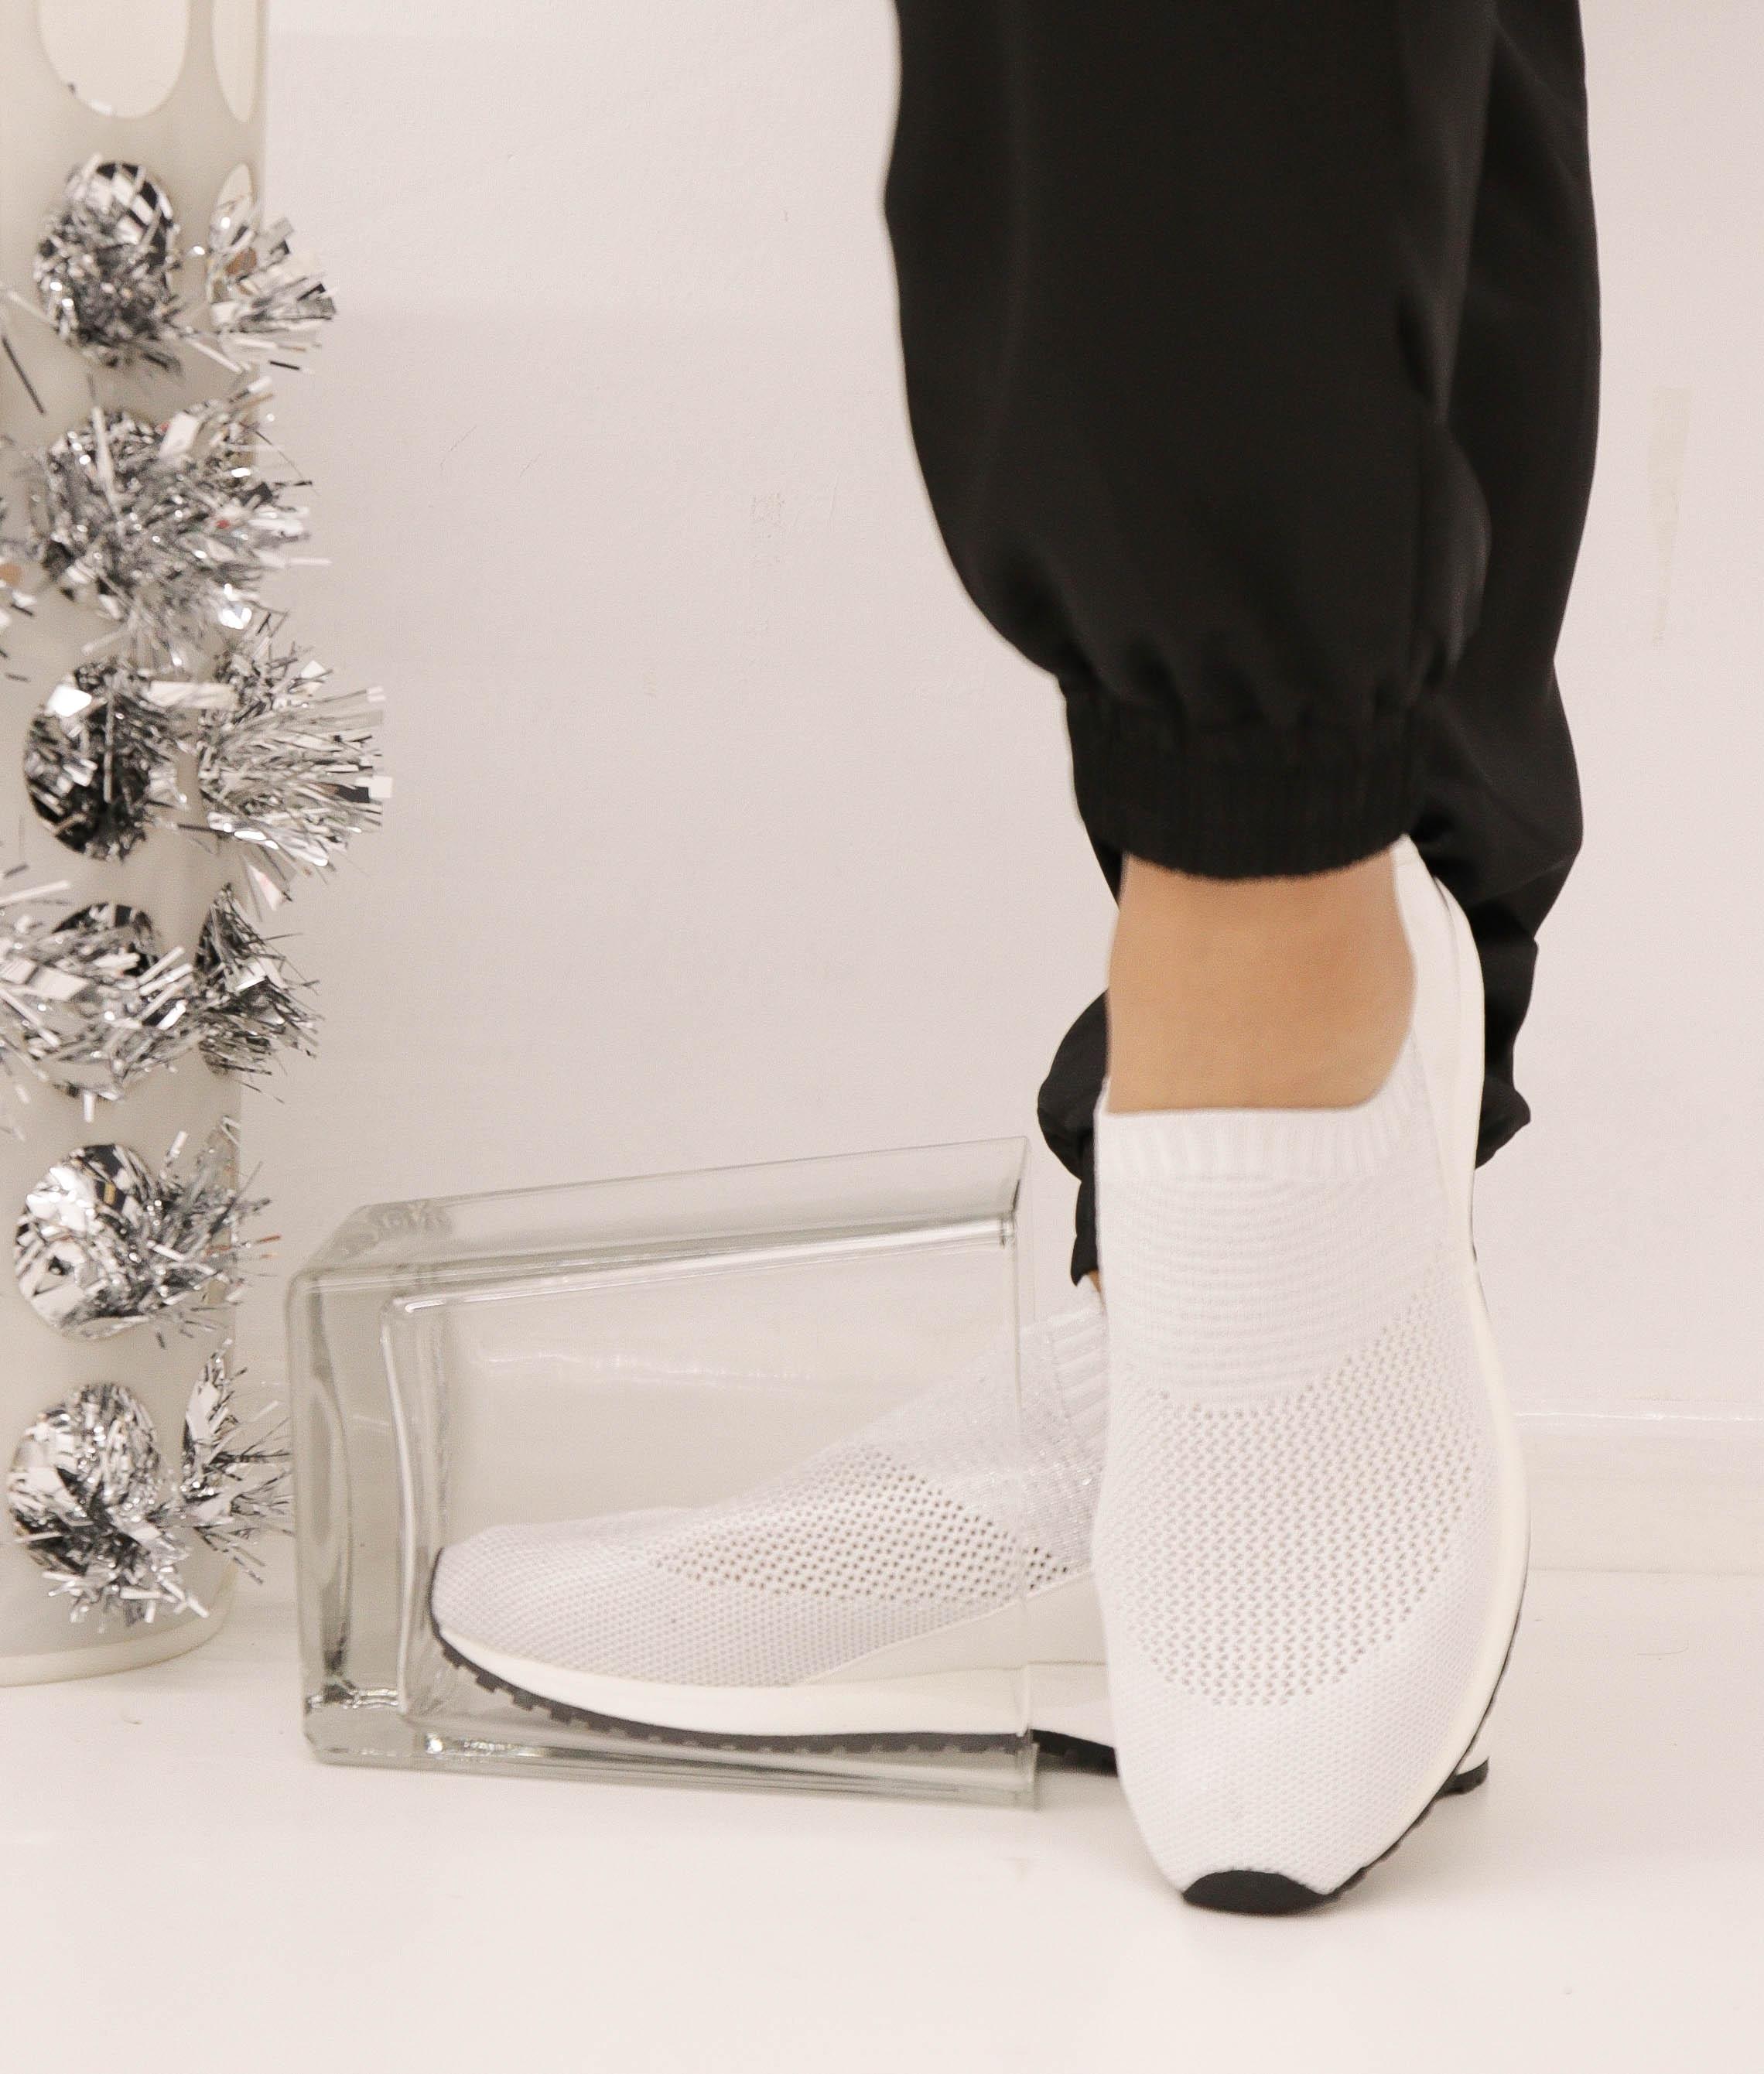 Sneakers Benbi - Silver/White